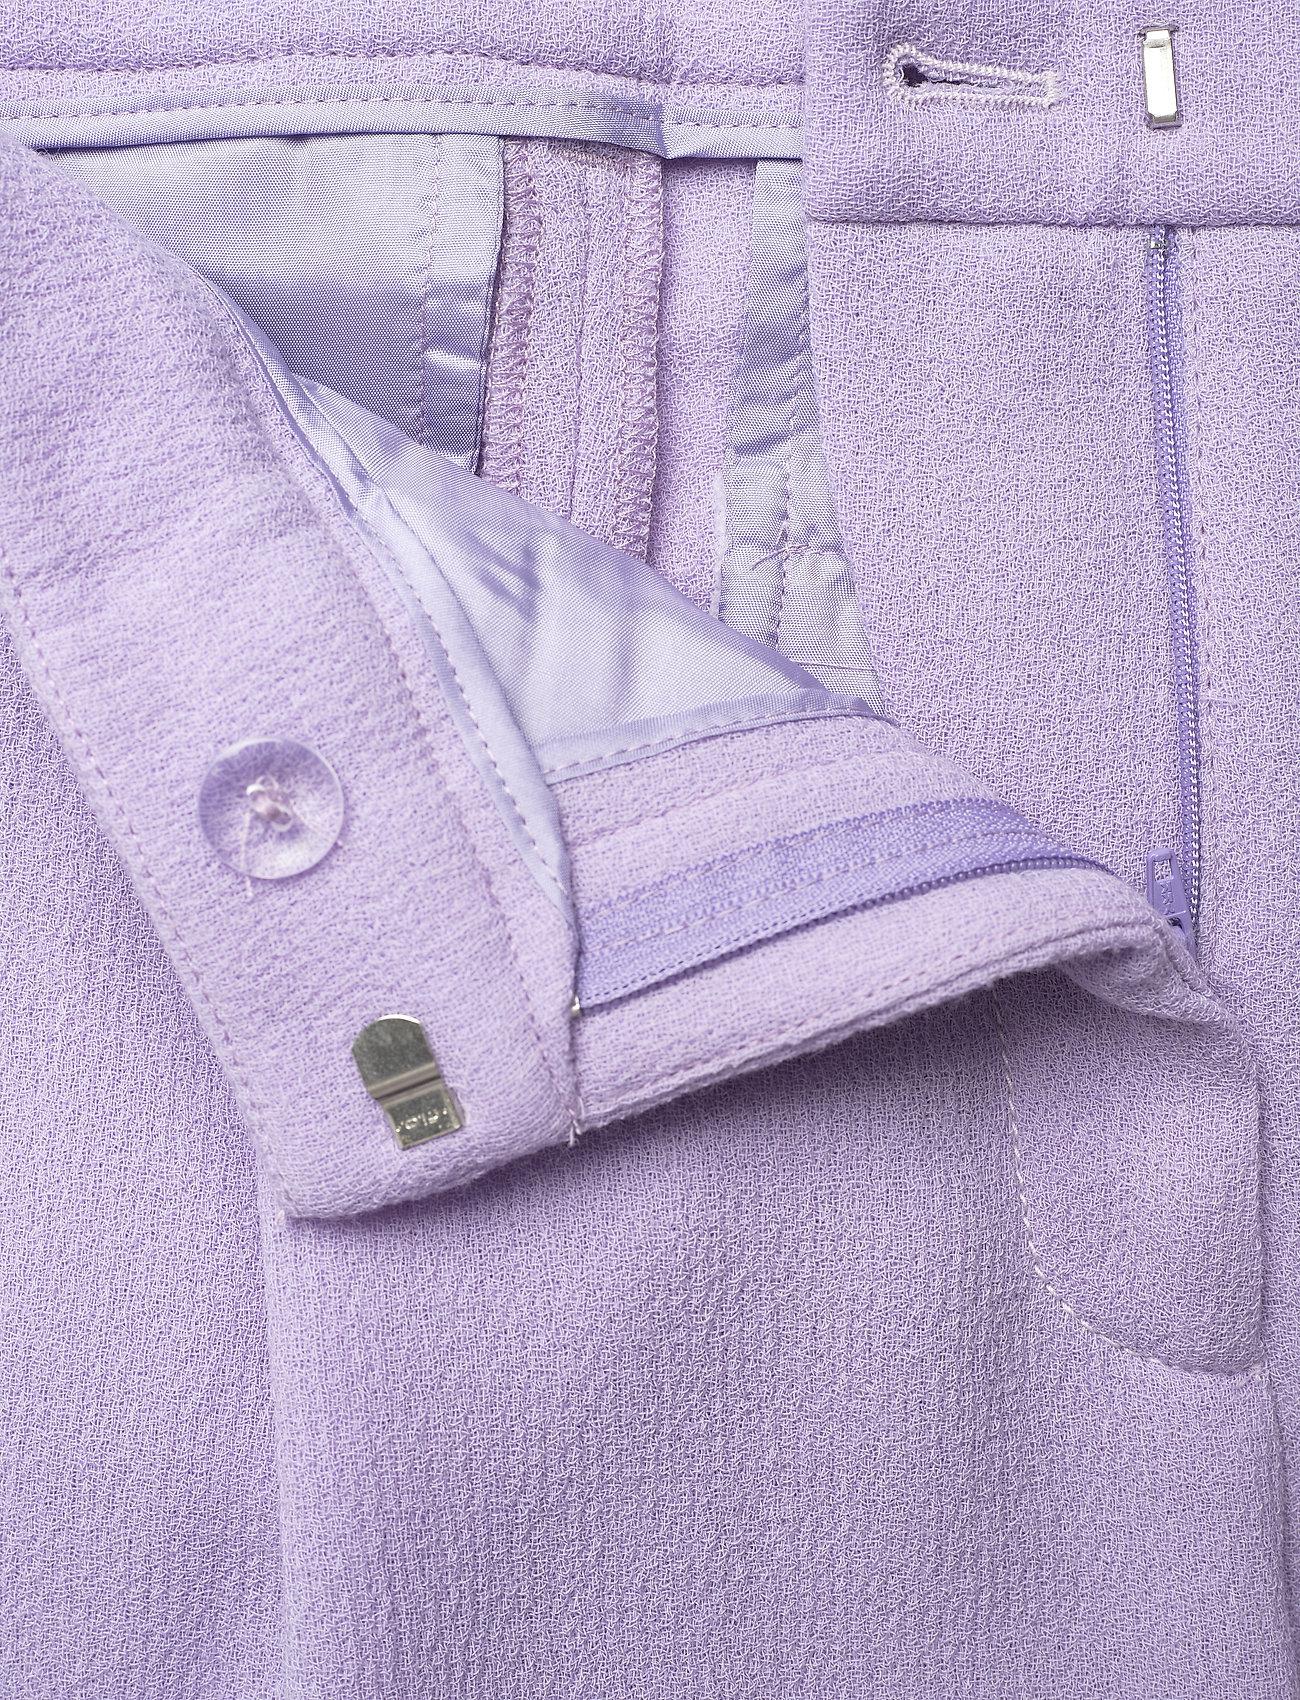 STINE GOYA - Estella, 1113 Iris Tailoring - bermudashorts - lilac - 4